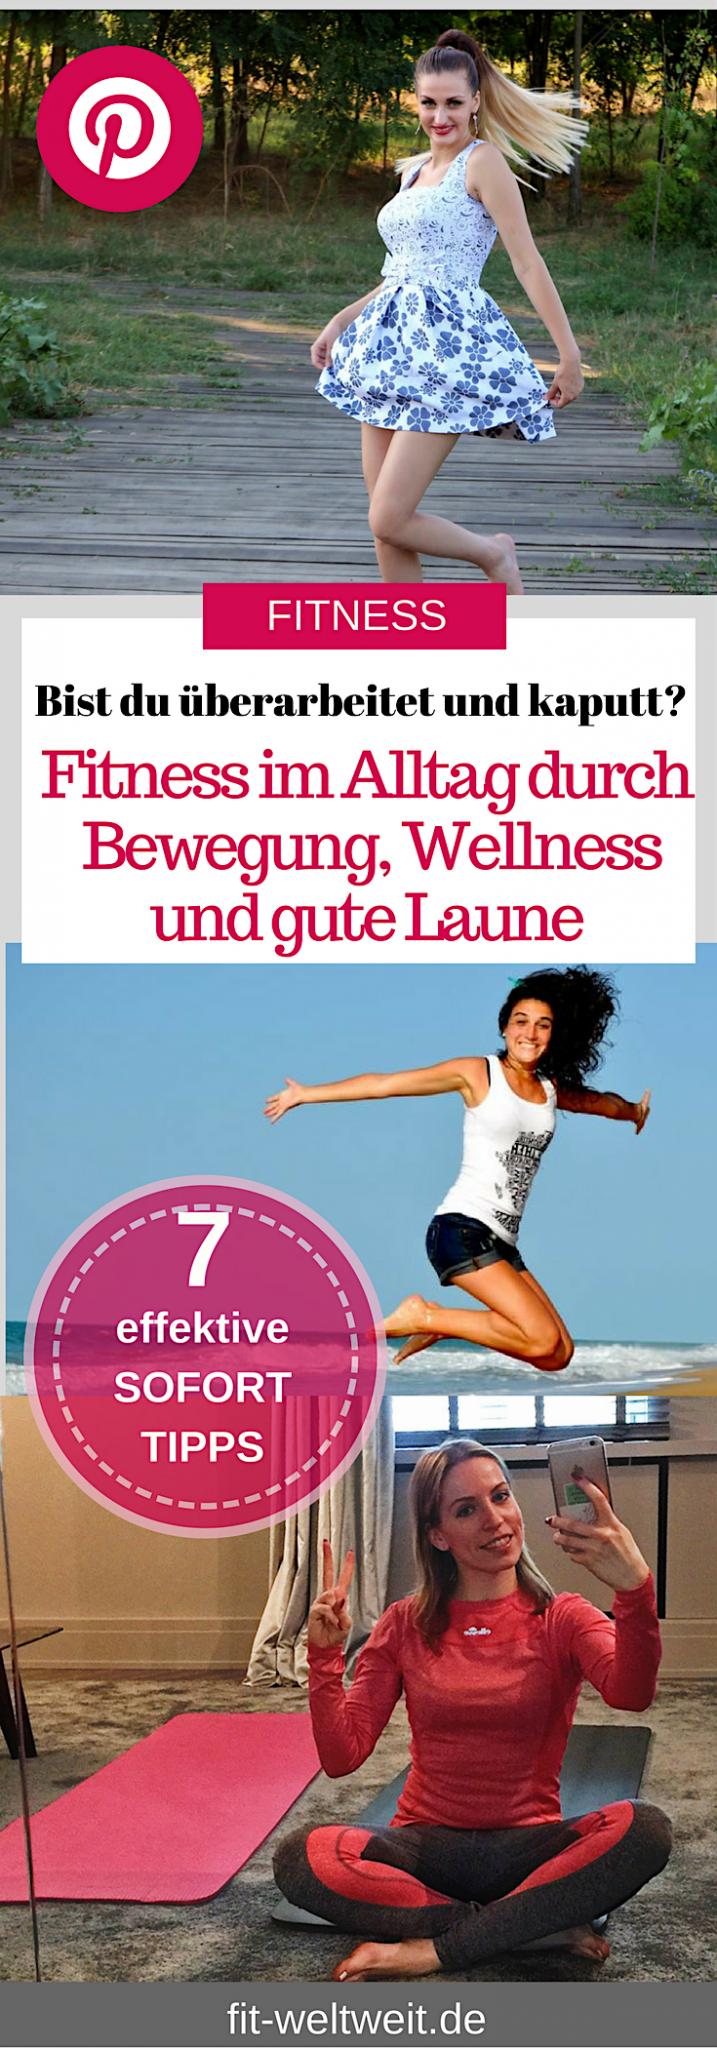 #Alltag #diese #durch #effektiven #fitness #fitweltwei #langhantel fitness #Alltag #diese #durch #ef...